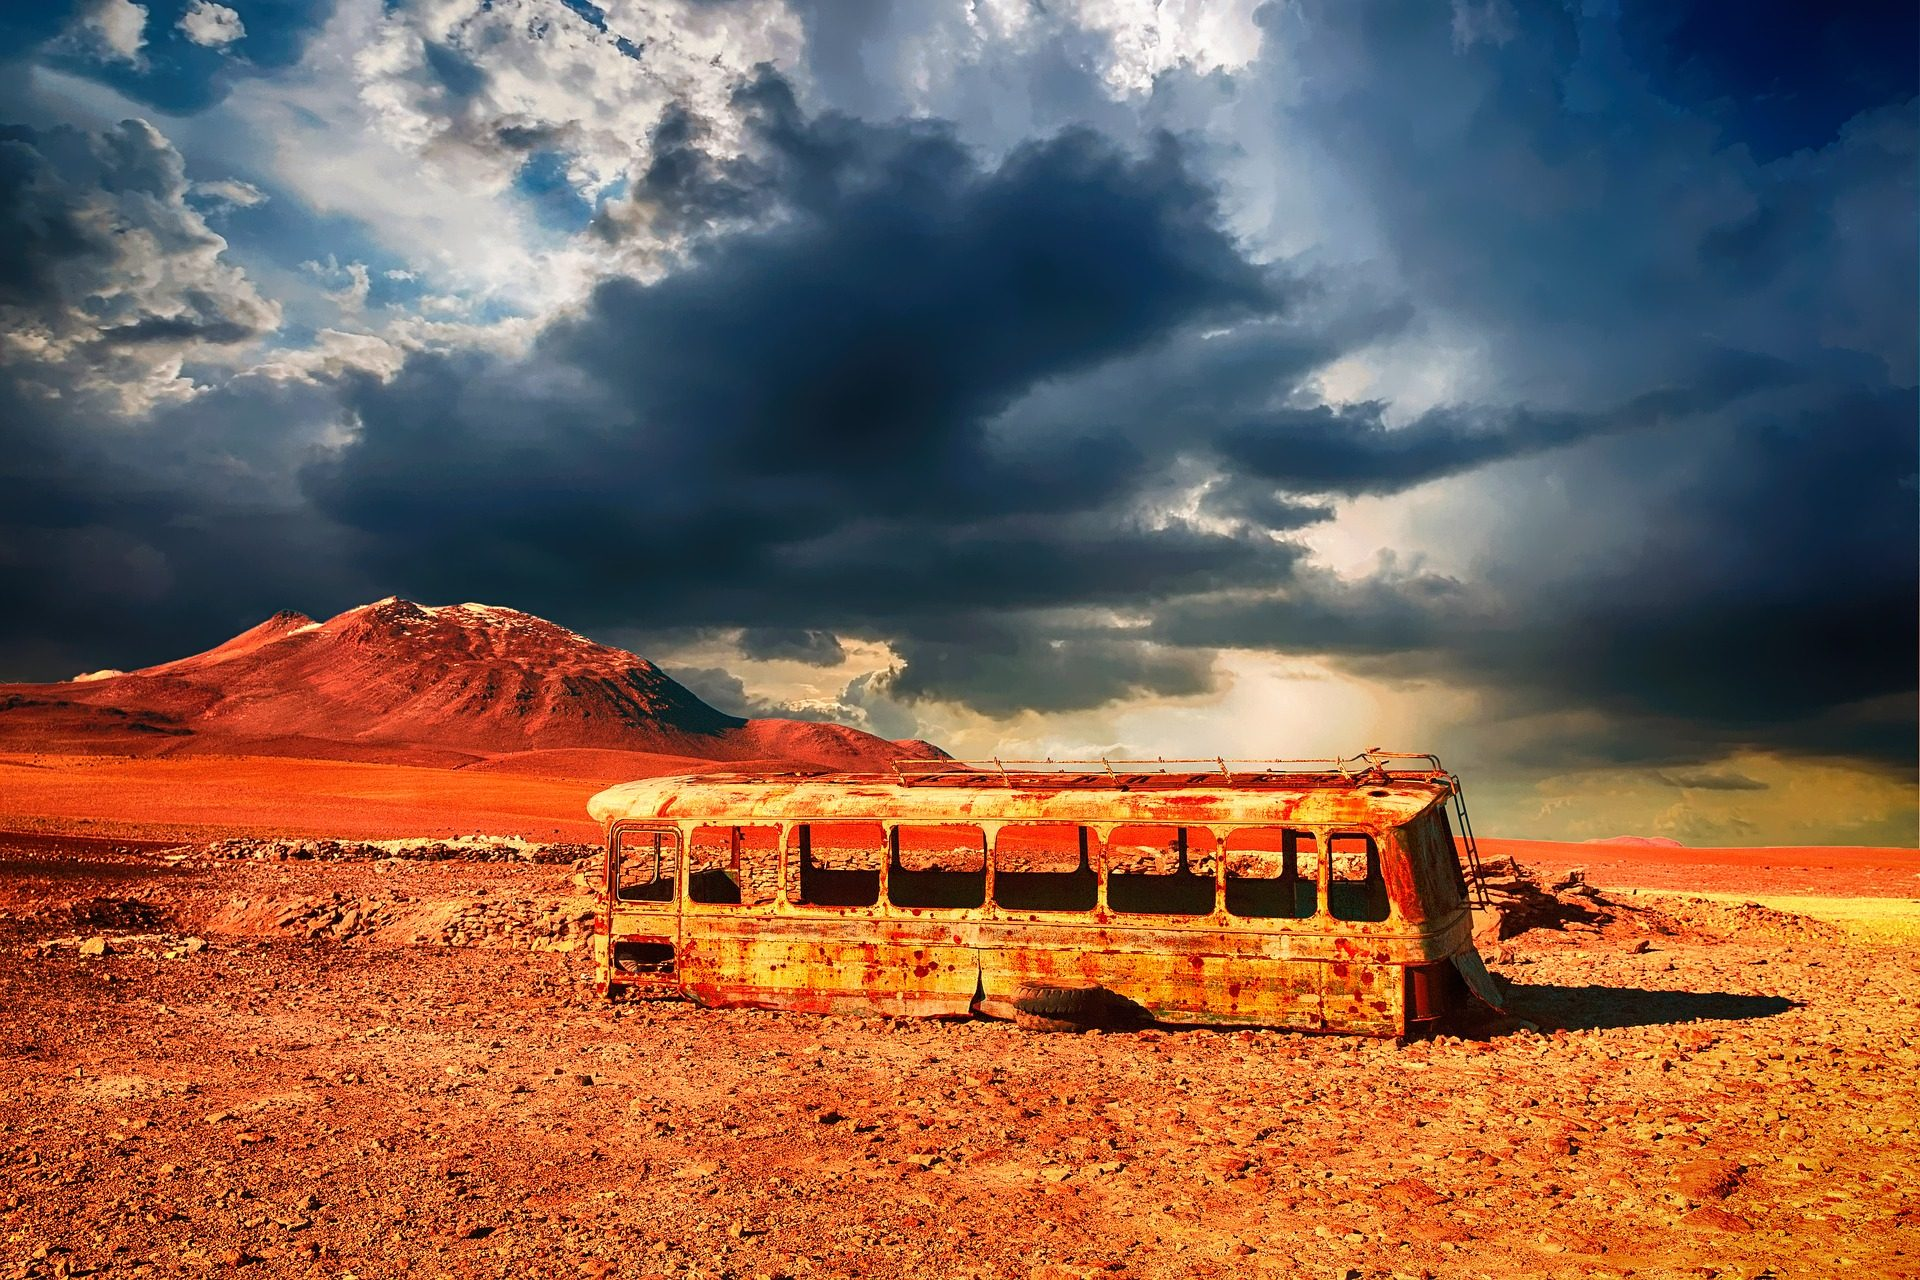 bus, abandonné, vieux, désert, perdu - Fonds d'écran HD - Professor-falken.com